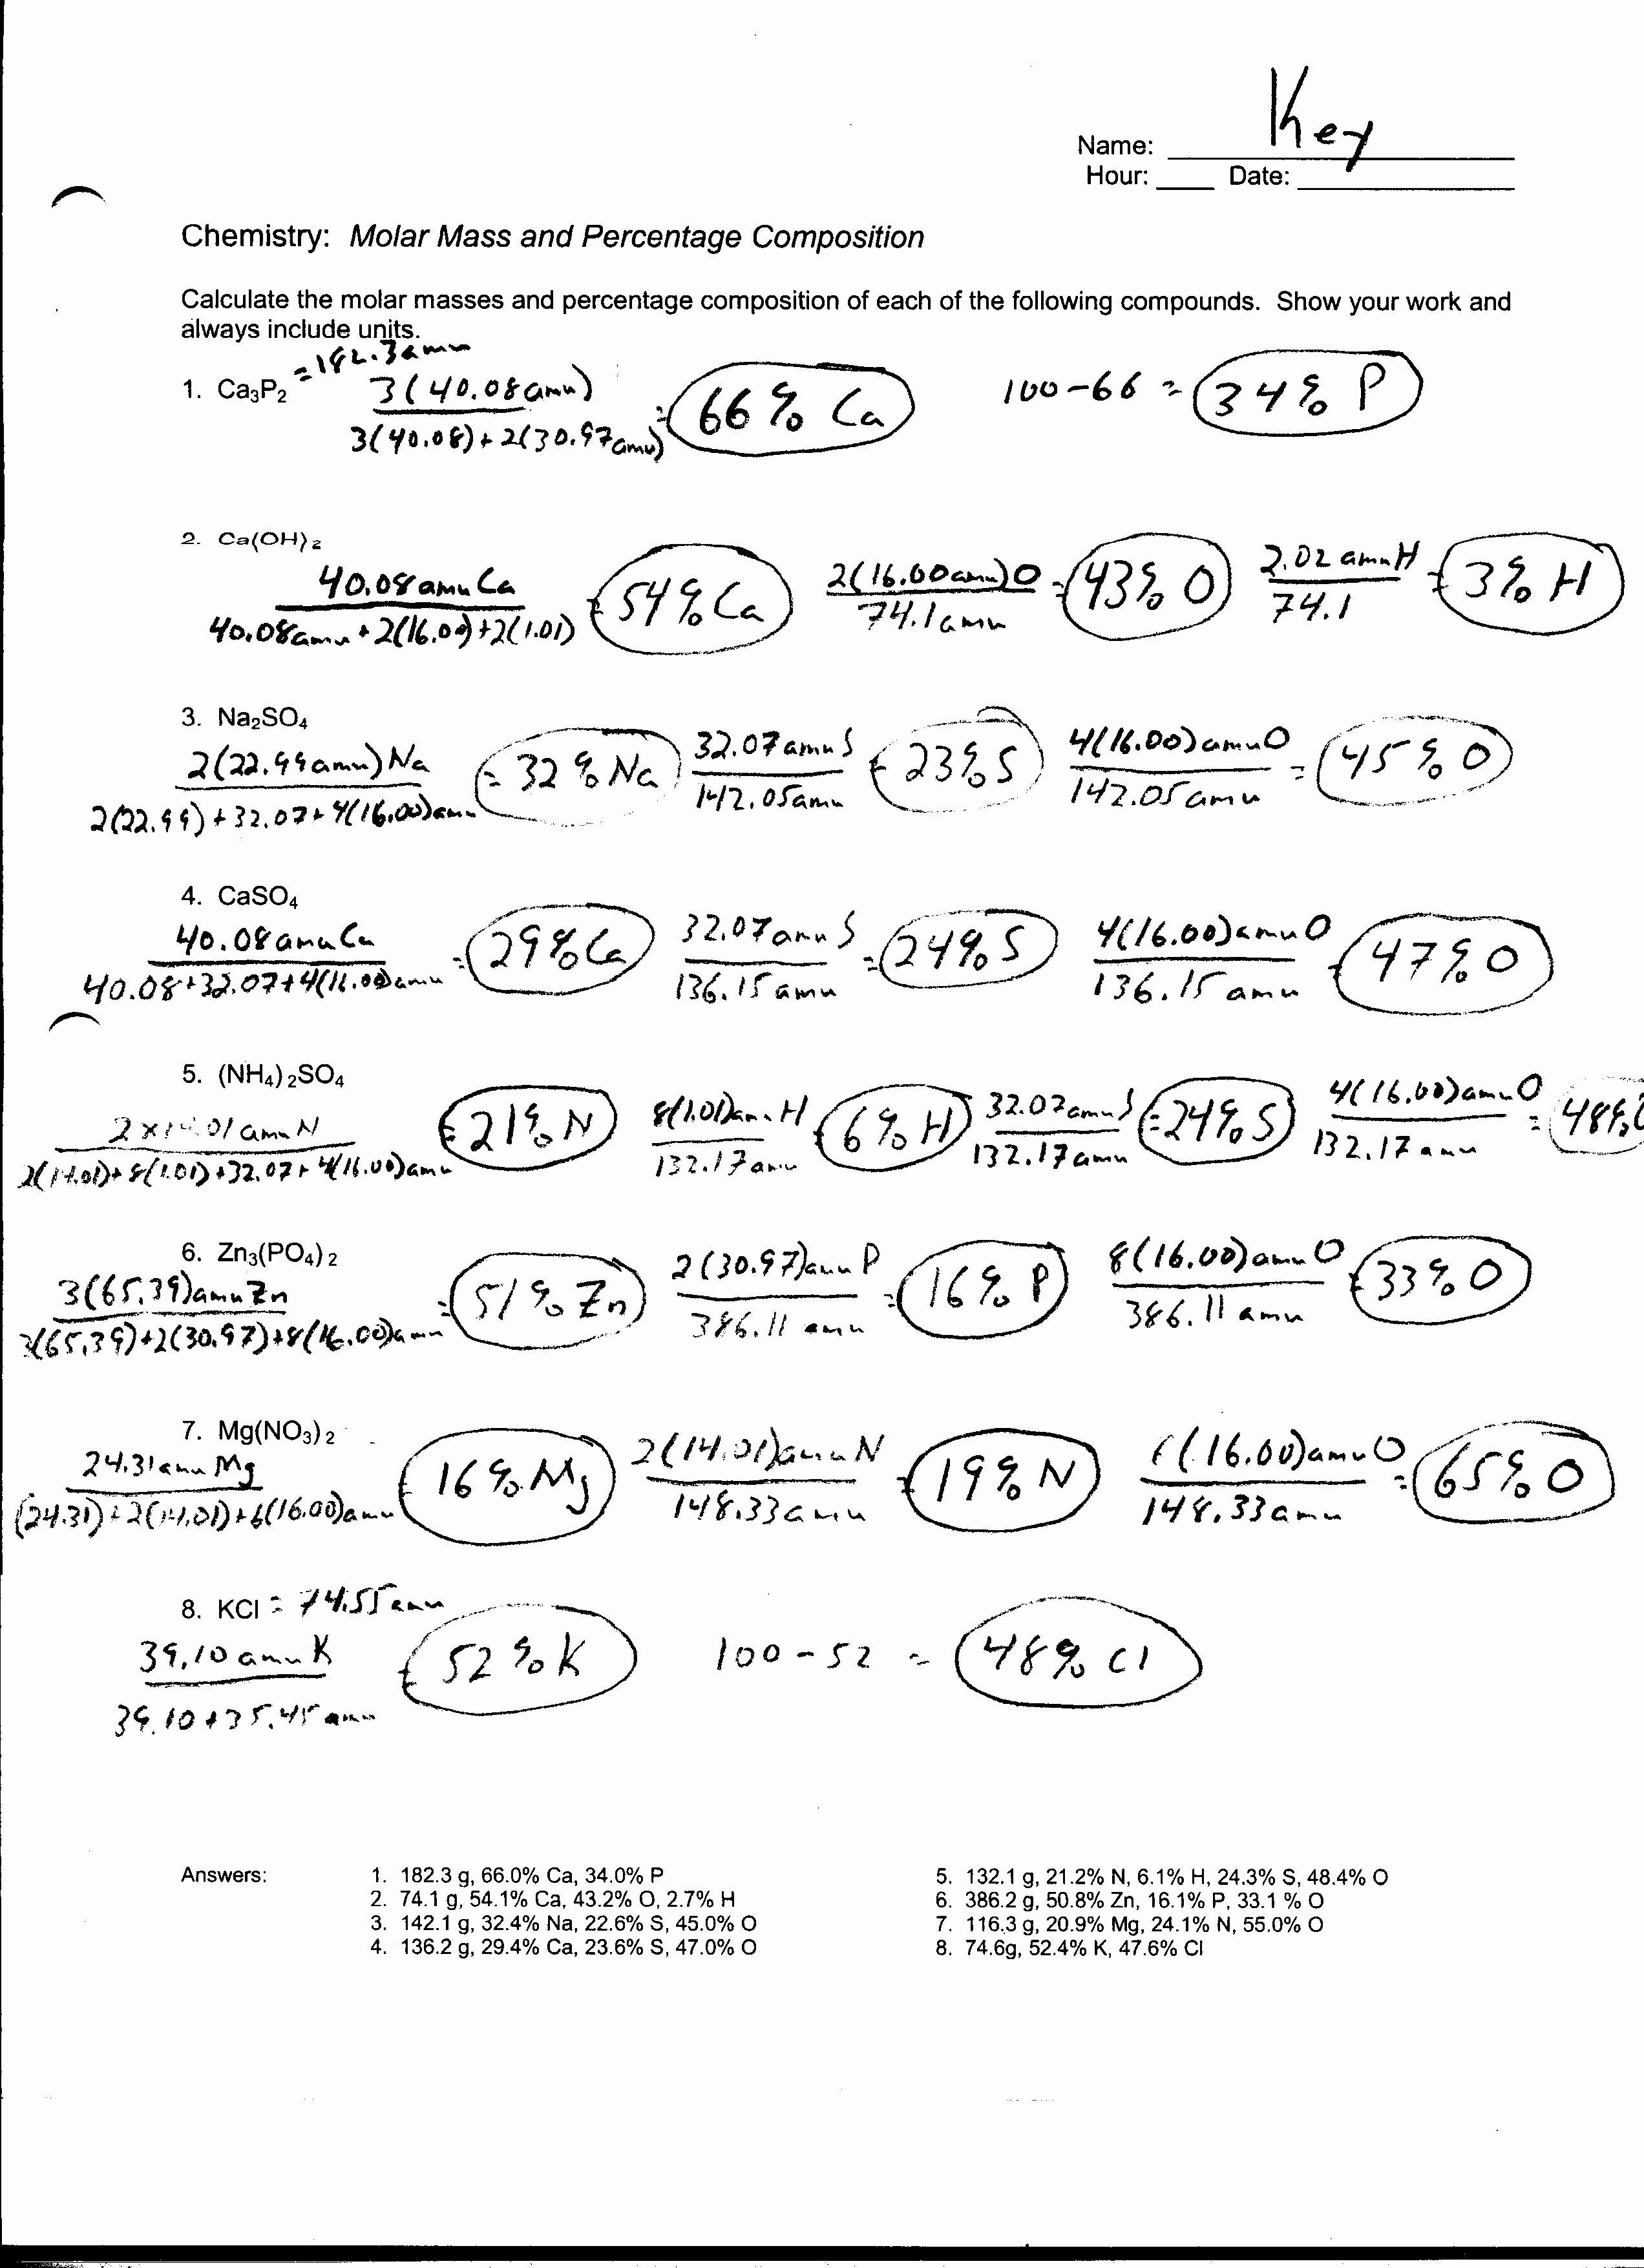 Chemistry Conversion Factors Worksheet Luxury Chemistry Worksheet Category Page 3 Worksheeto